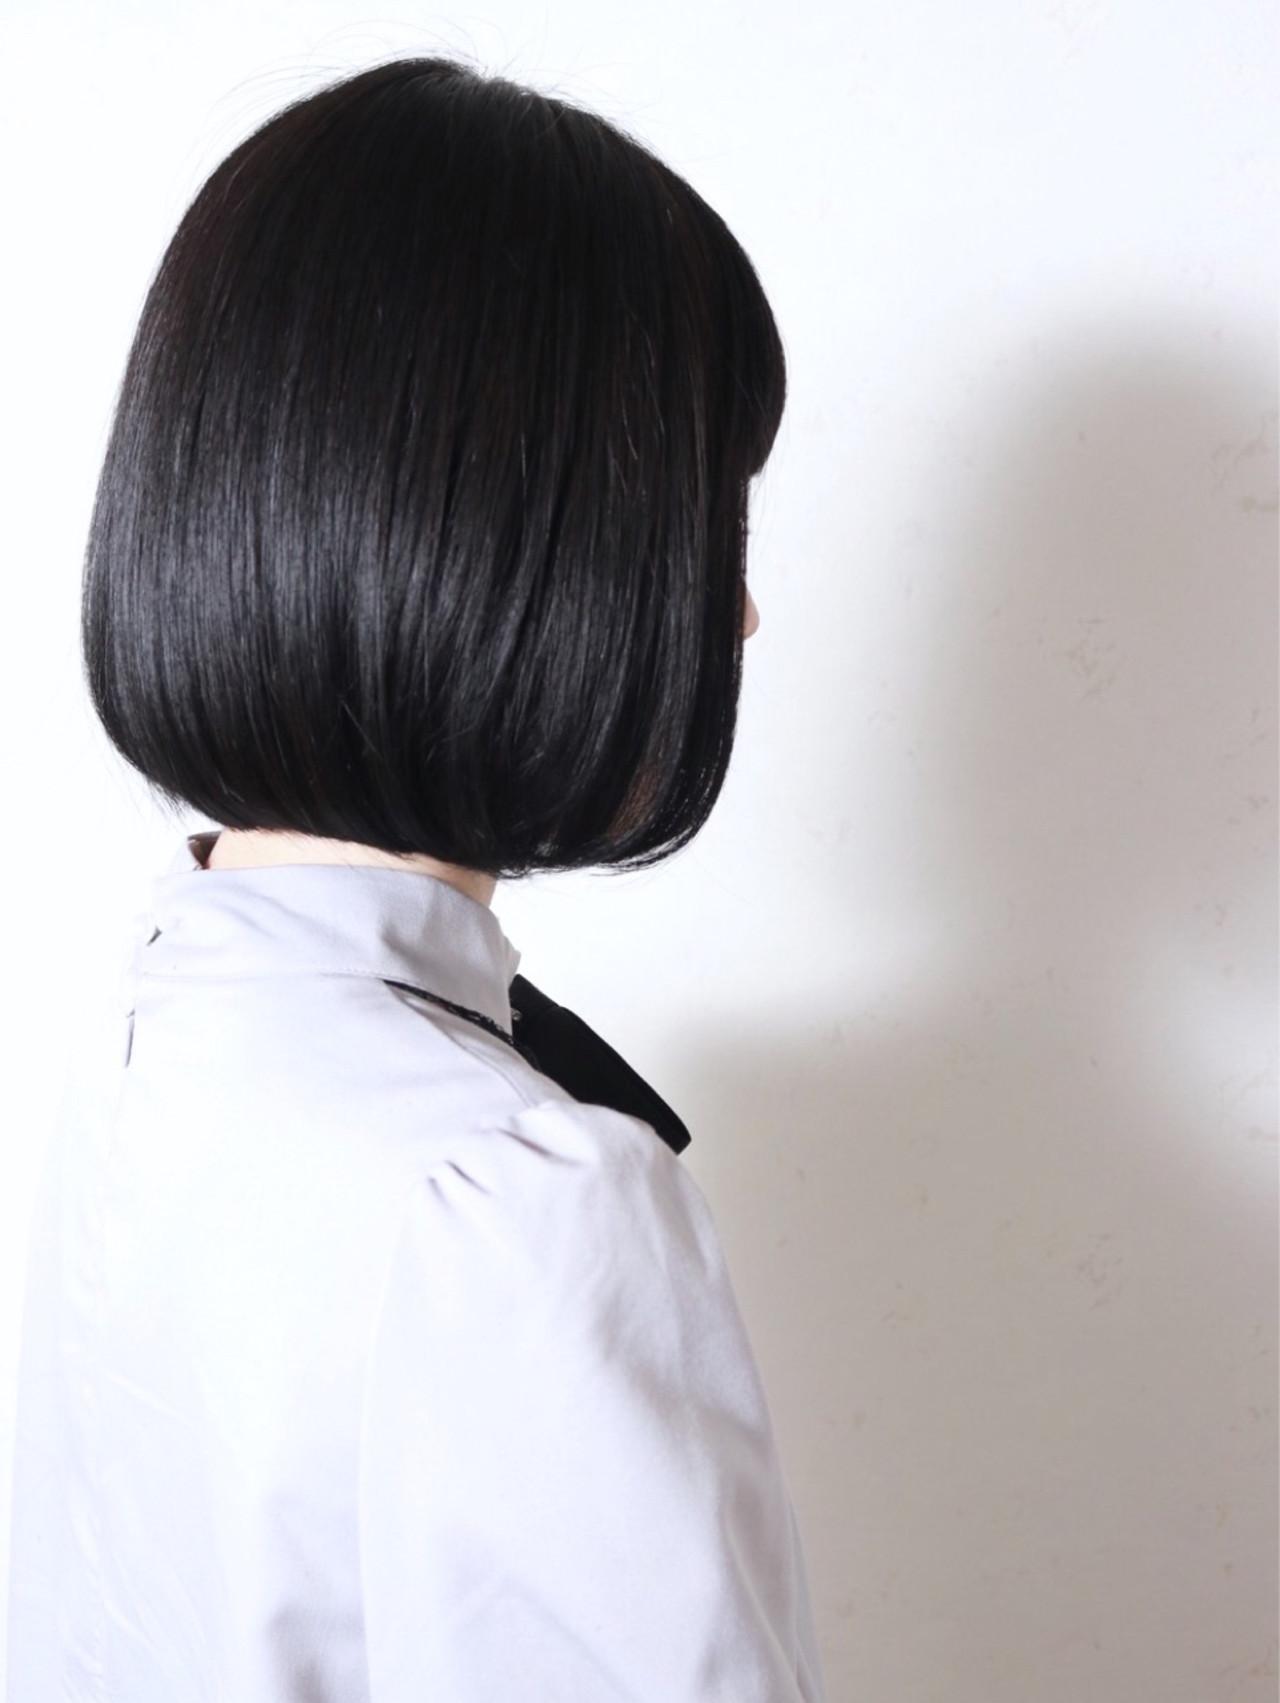 黒髪 暗髪 モード 切りっぱなし ヘアスタイルや髪型の写真・画像 | ホシノショウタ ボブ ショート 新松戸 / VIST by REVO